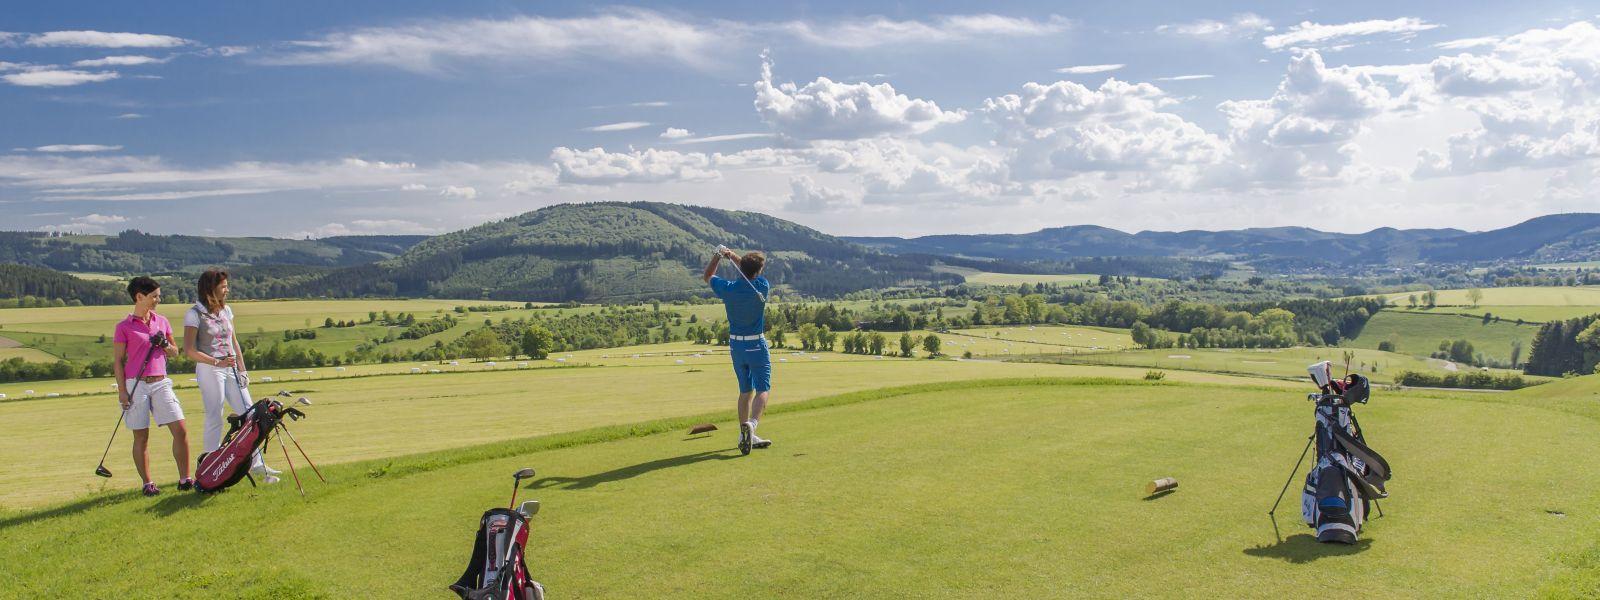 Golfspieler beim Abschlag während seines Golftrips al gusto